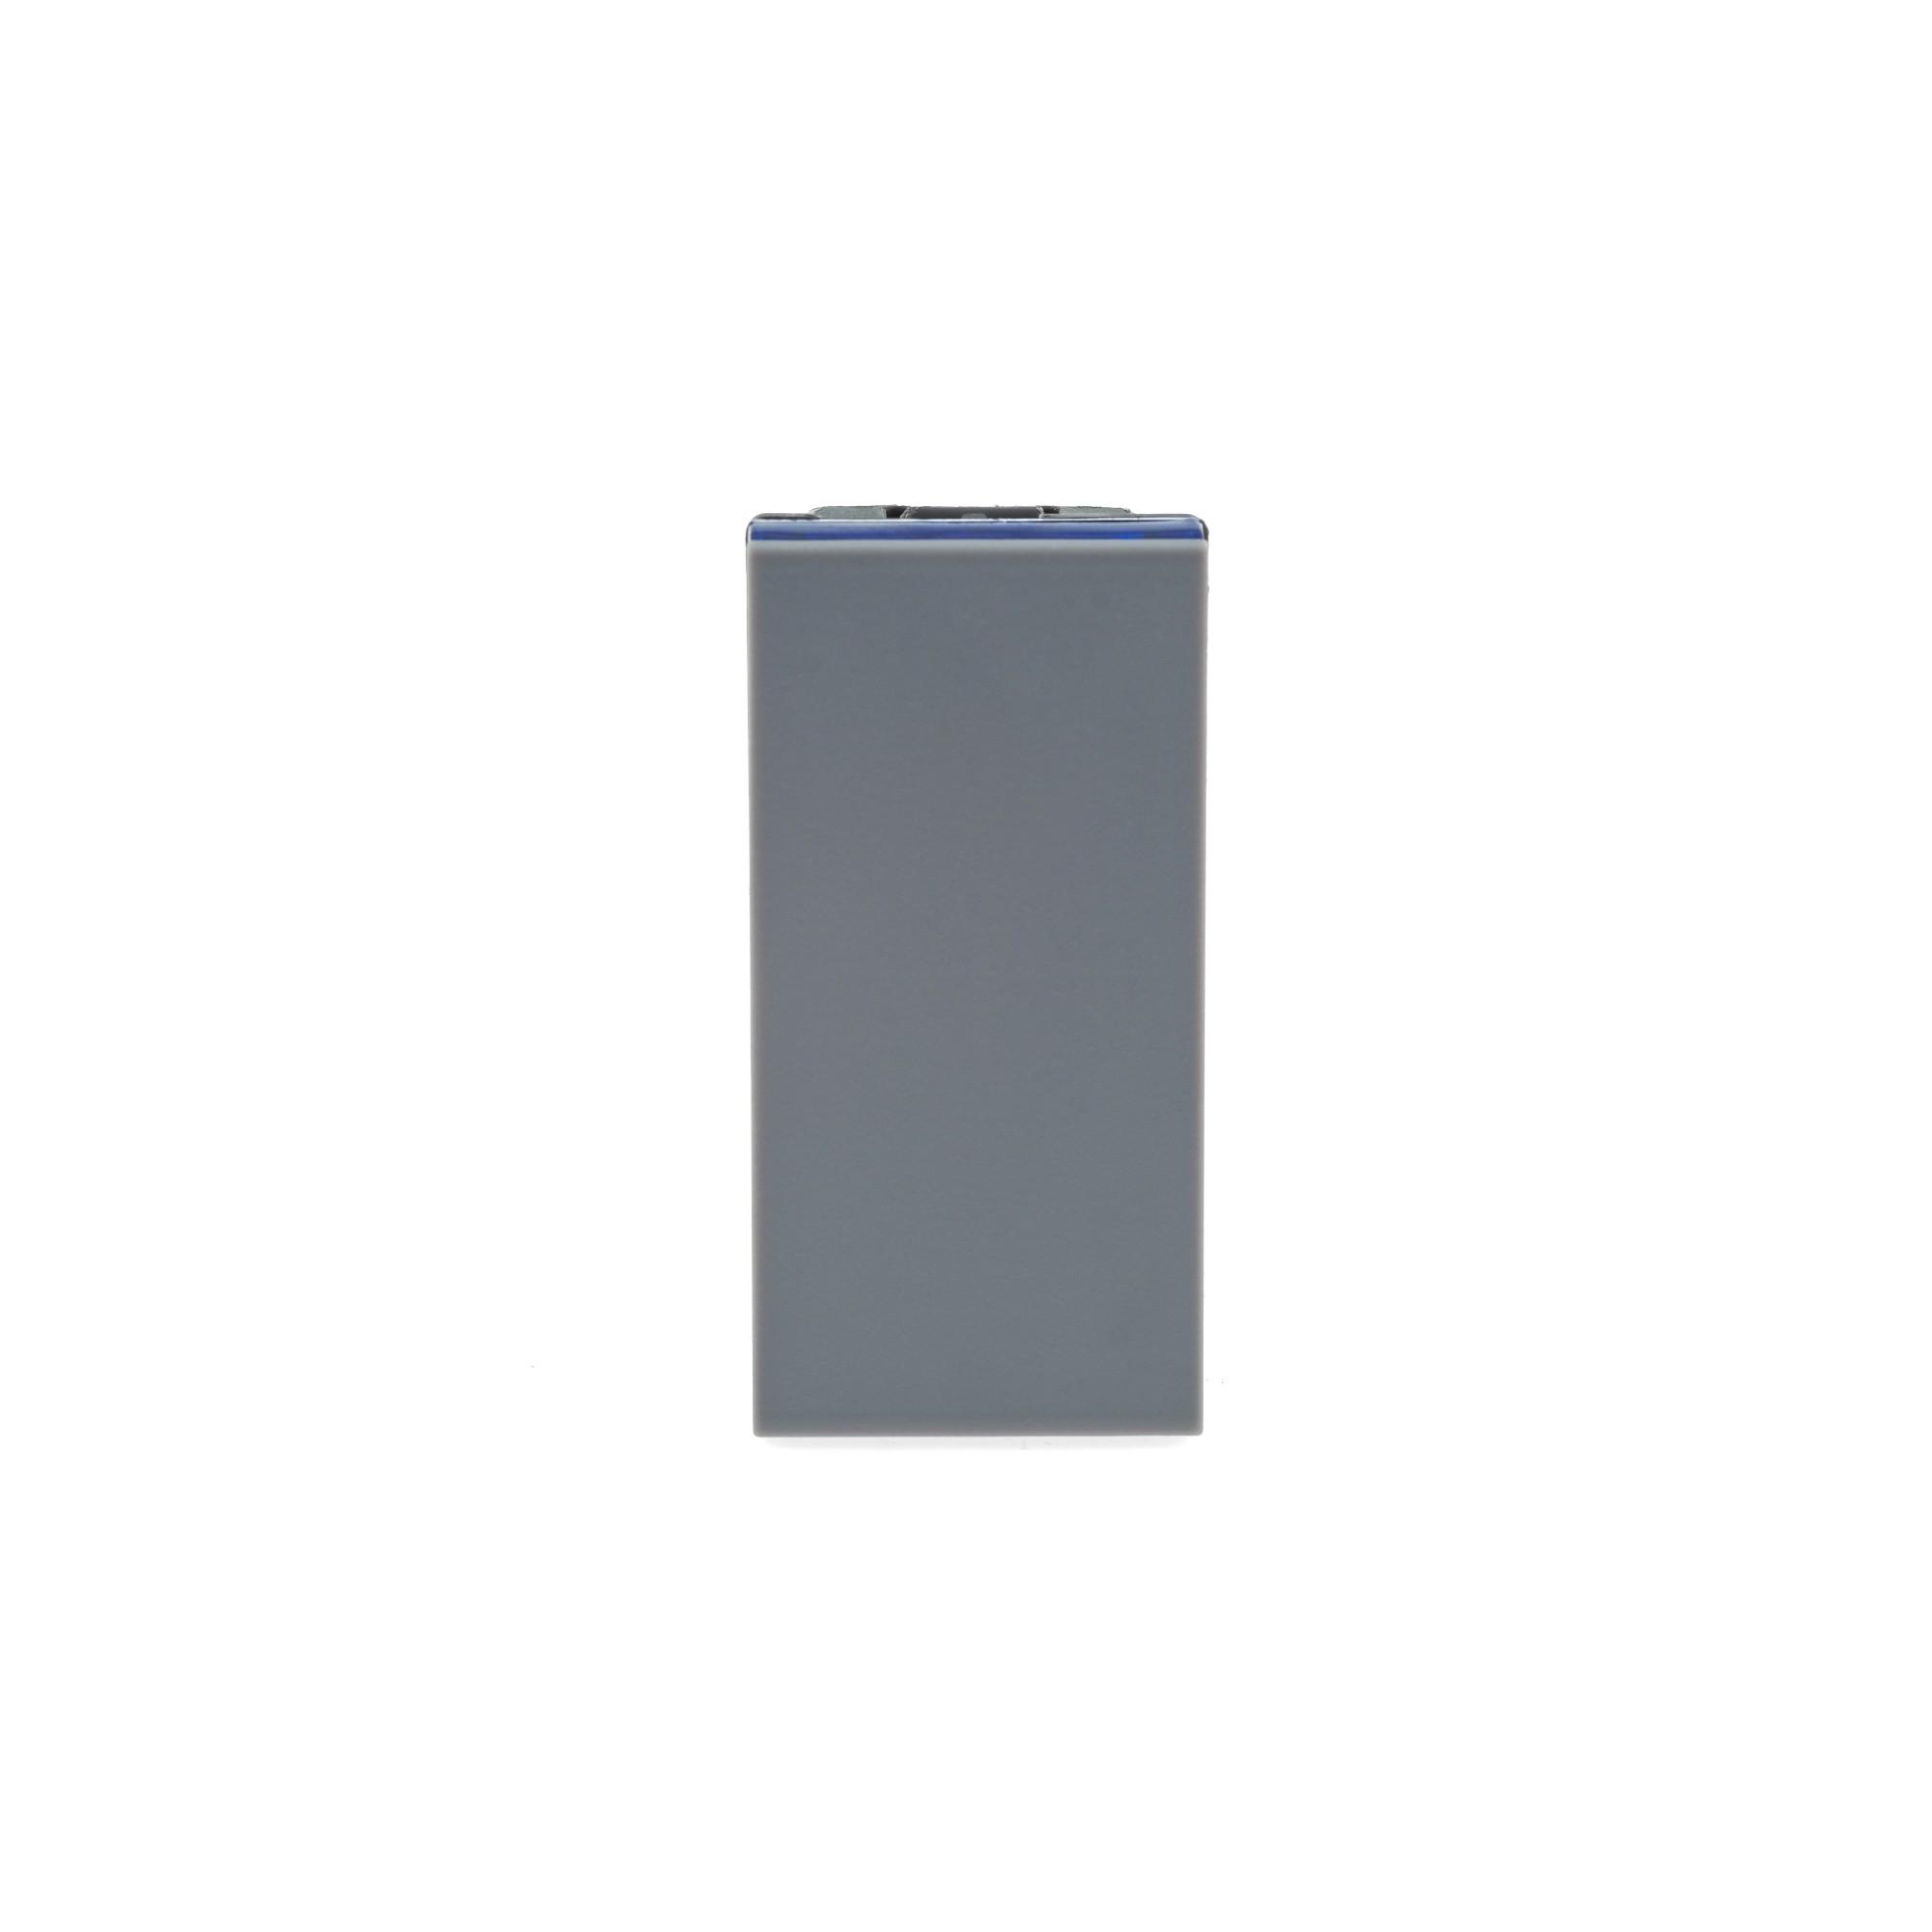 Modulo Interruptor Simples 1 Modulo Borne Automatico 10A - Cinza - Plus - Legrand